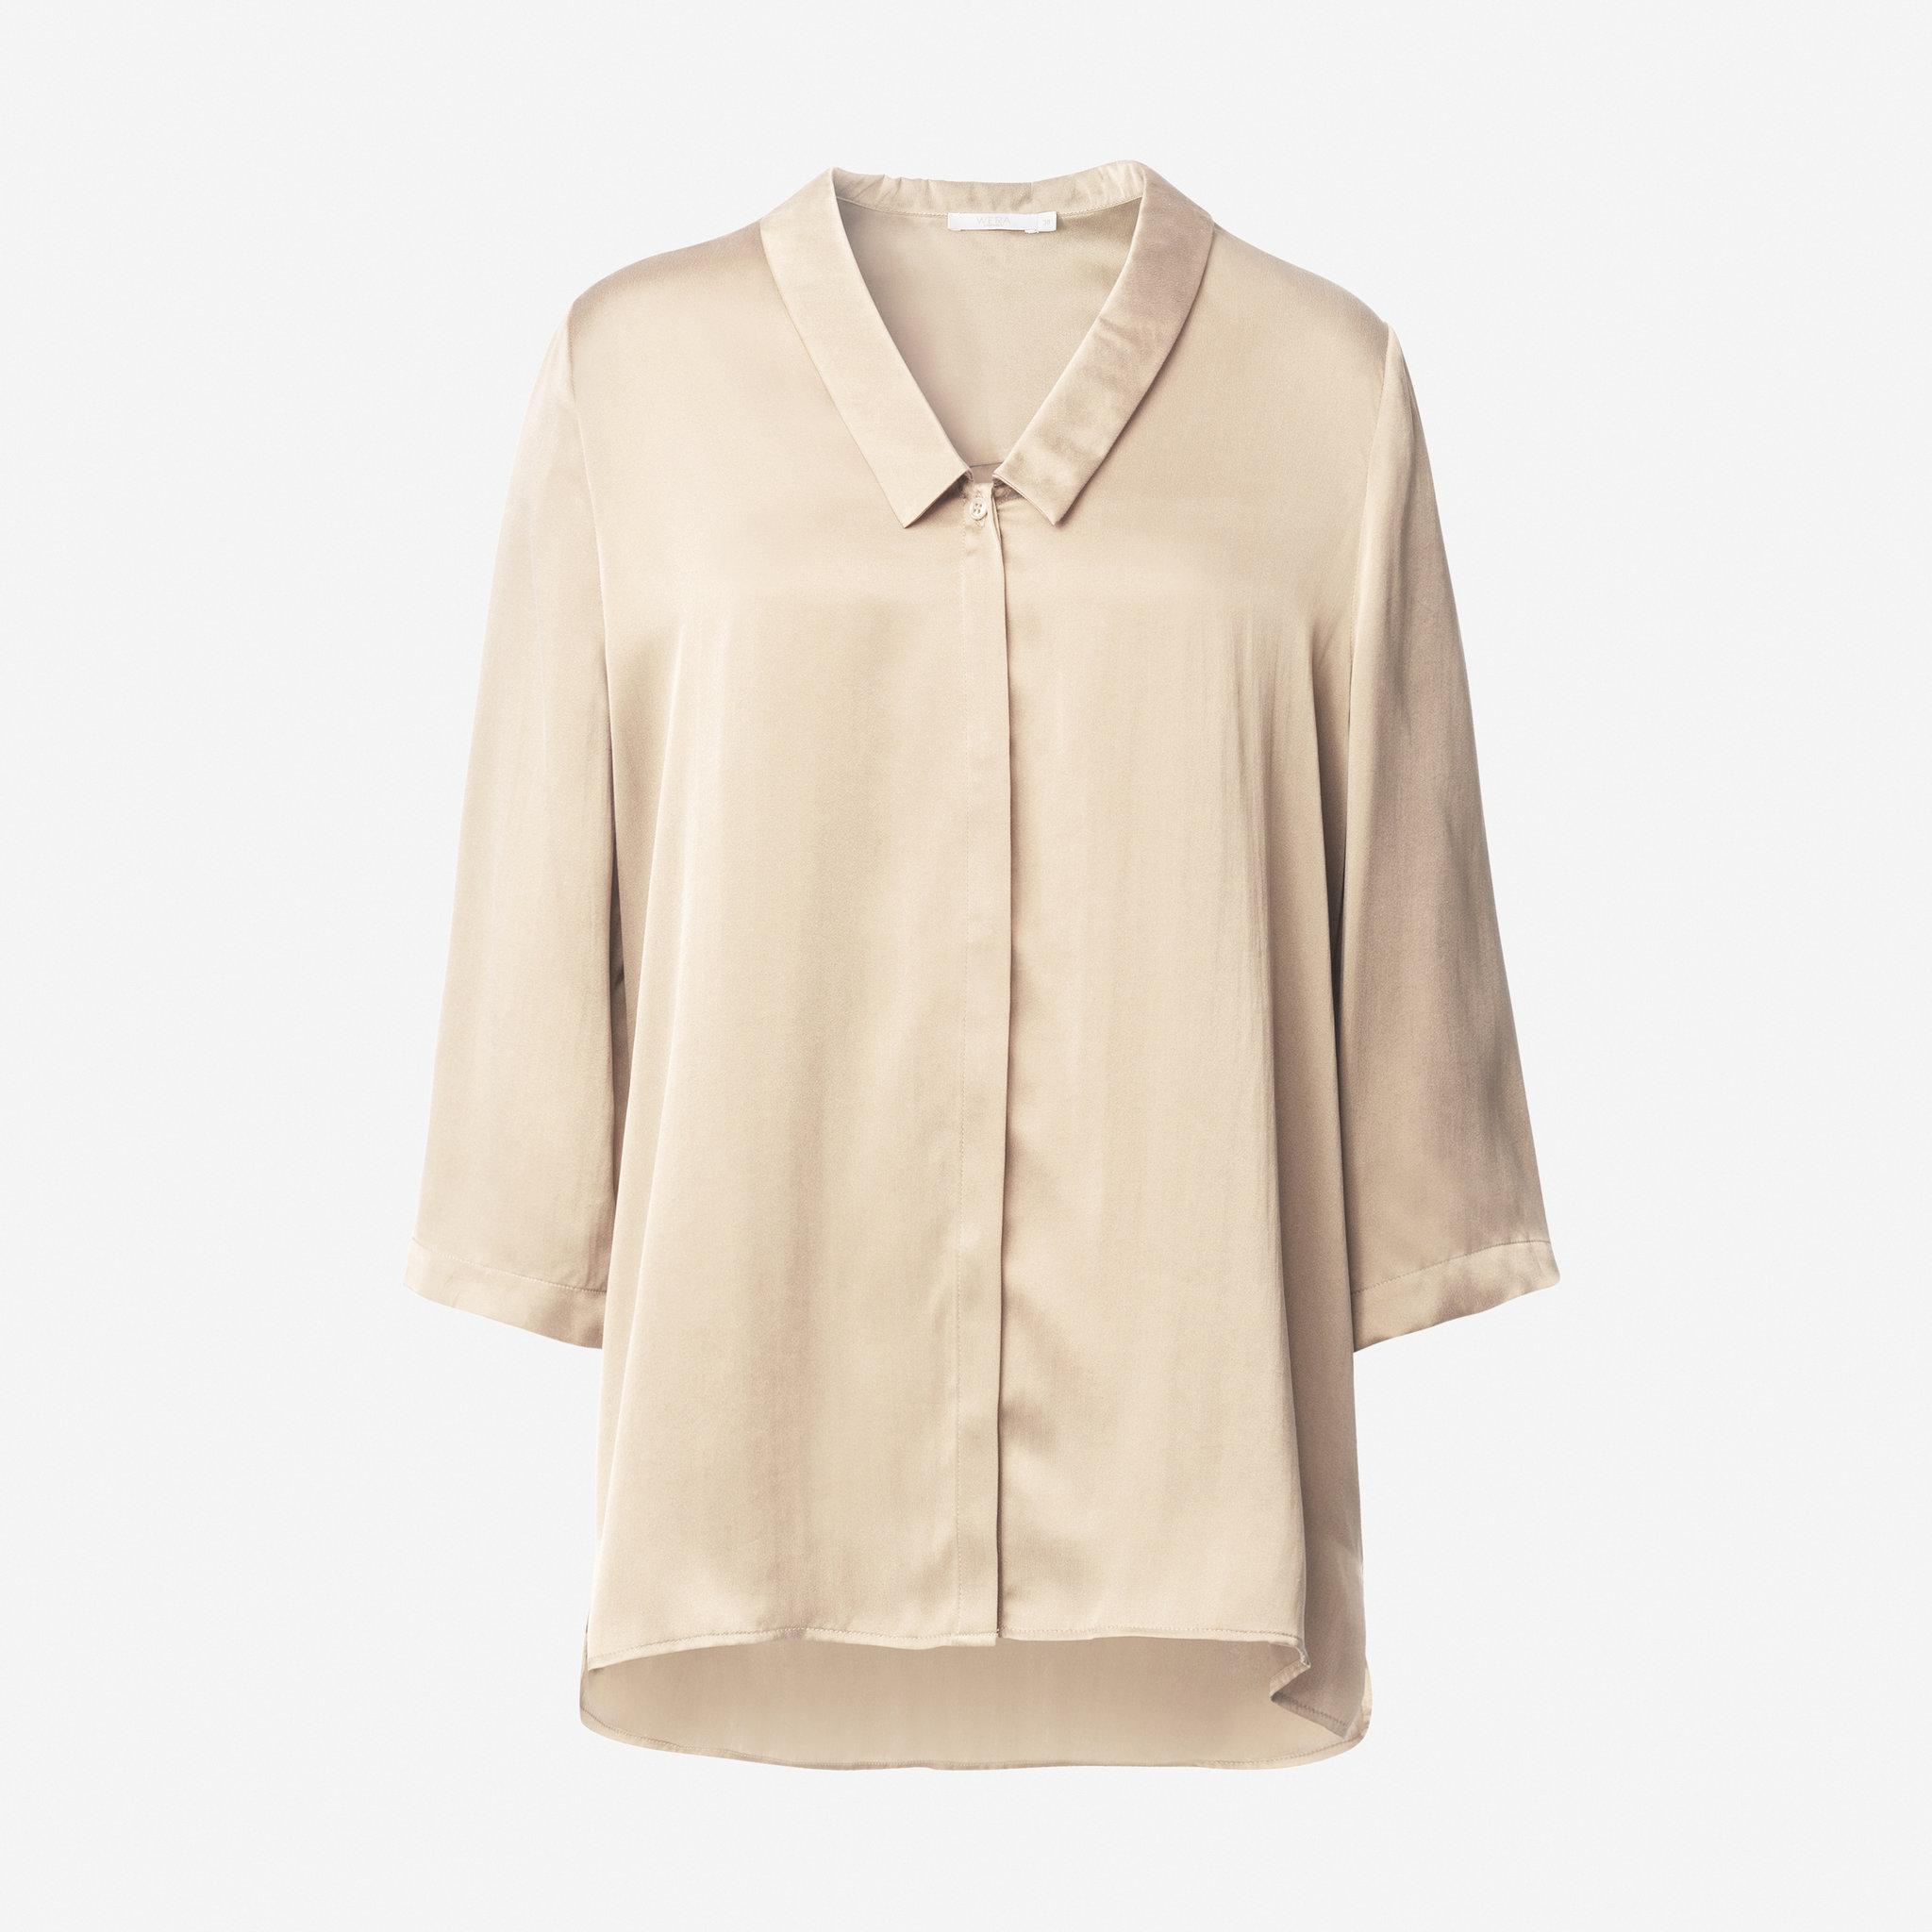 Blus i silke - Blusar   skjortor - Köp online på åhlens.se! f4400570d2b4d